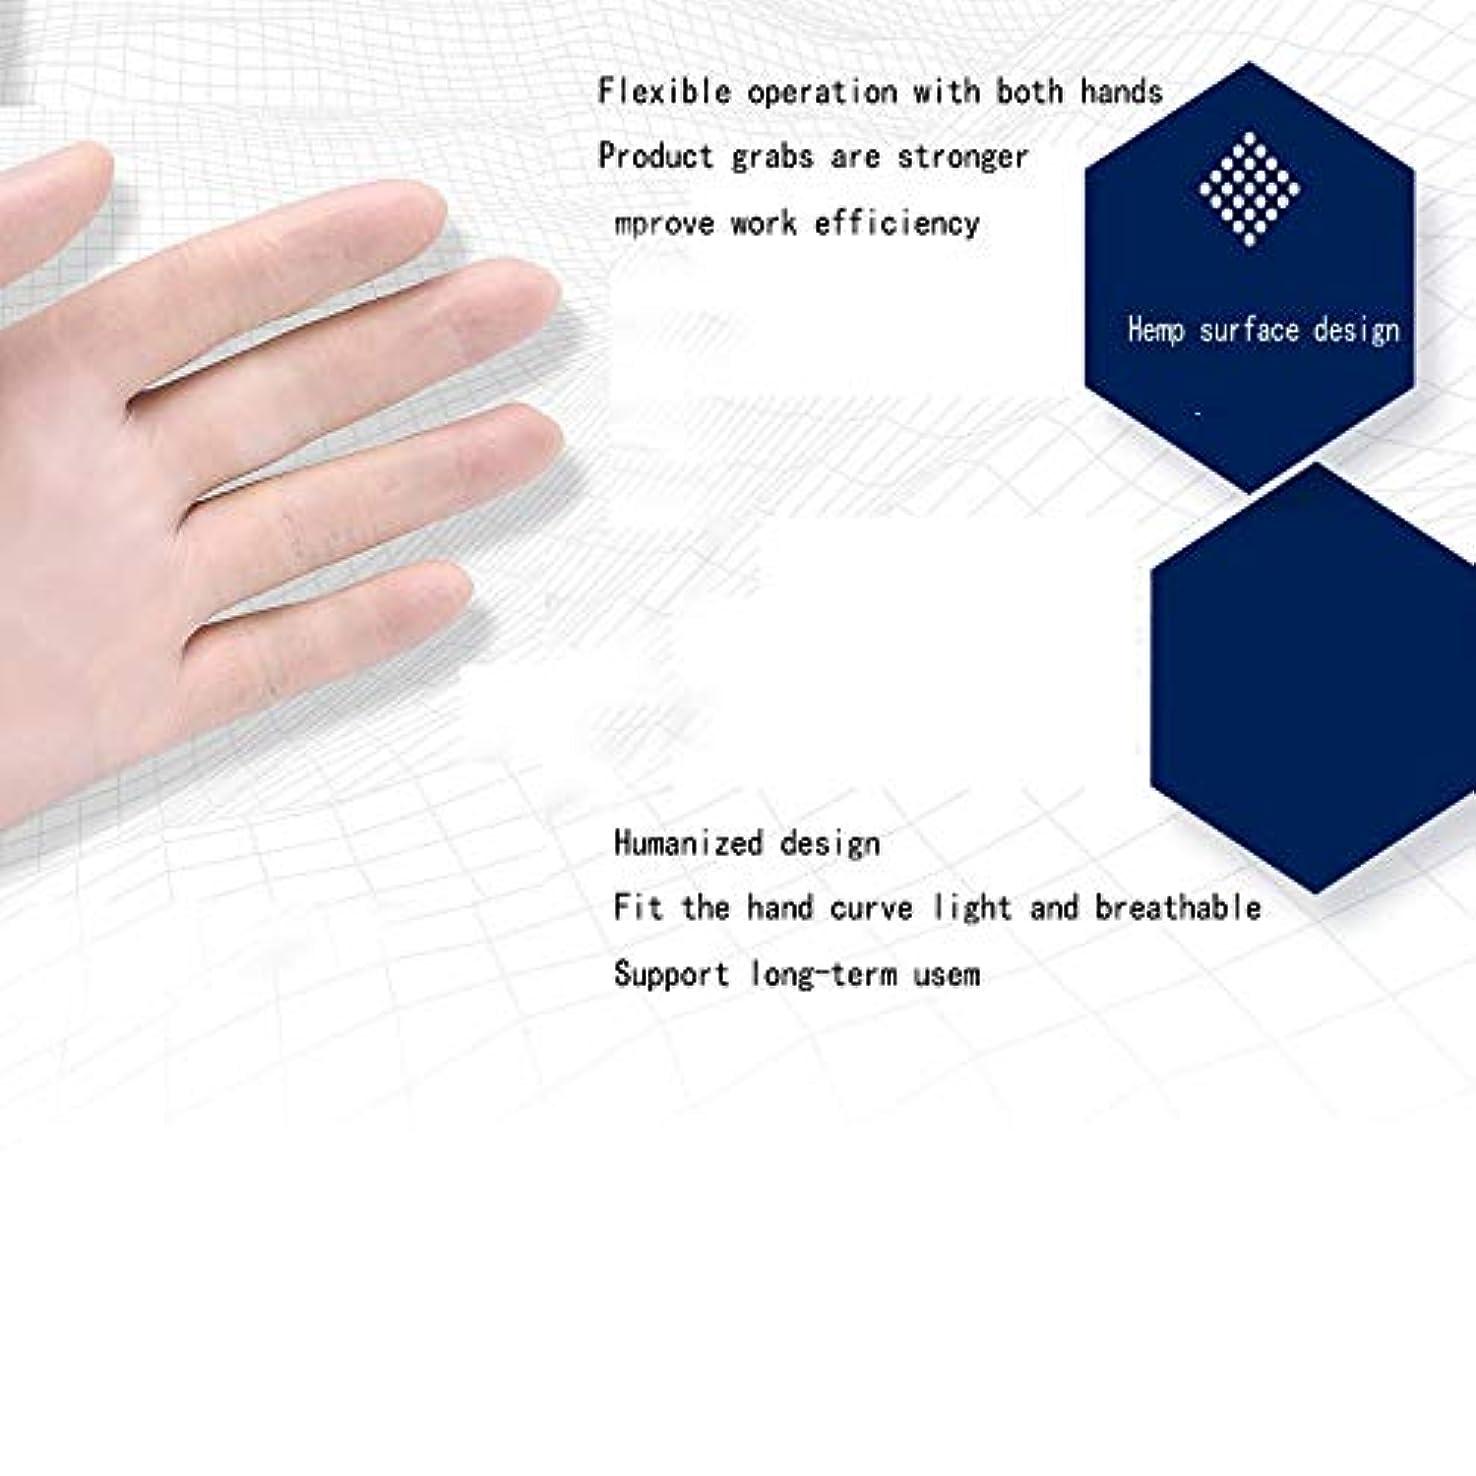 レベル呼吸するアーサーコナンドイルSafeguard Nitri Disposable Gloves、パウダーフリー、食品用グローブ、ラテックスフリー、100 Pcサニタリーグローブ (サイズ さいず : S s)